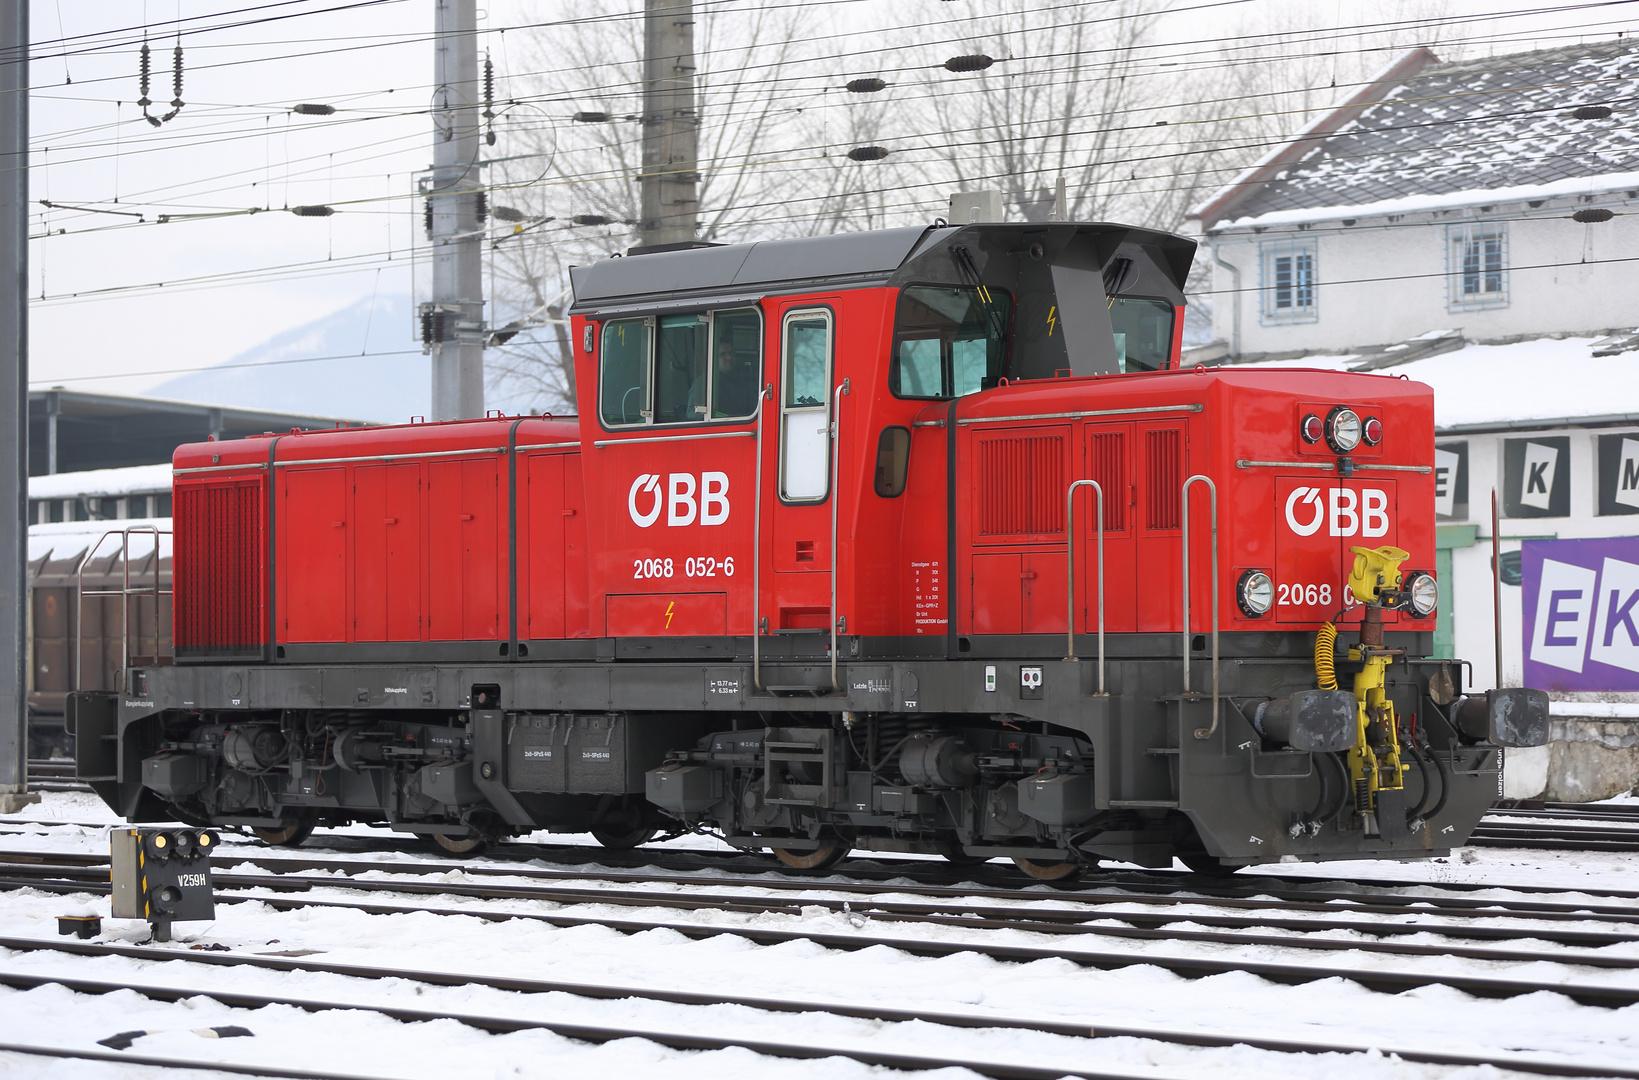 ÖBB Reihe 2068